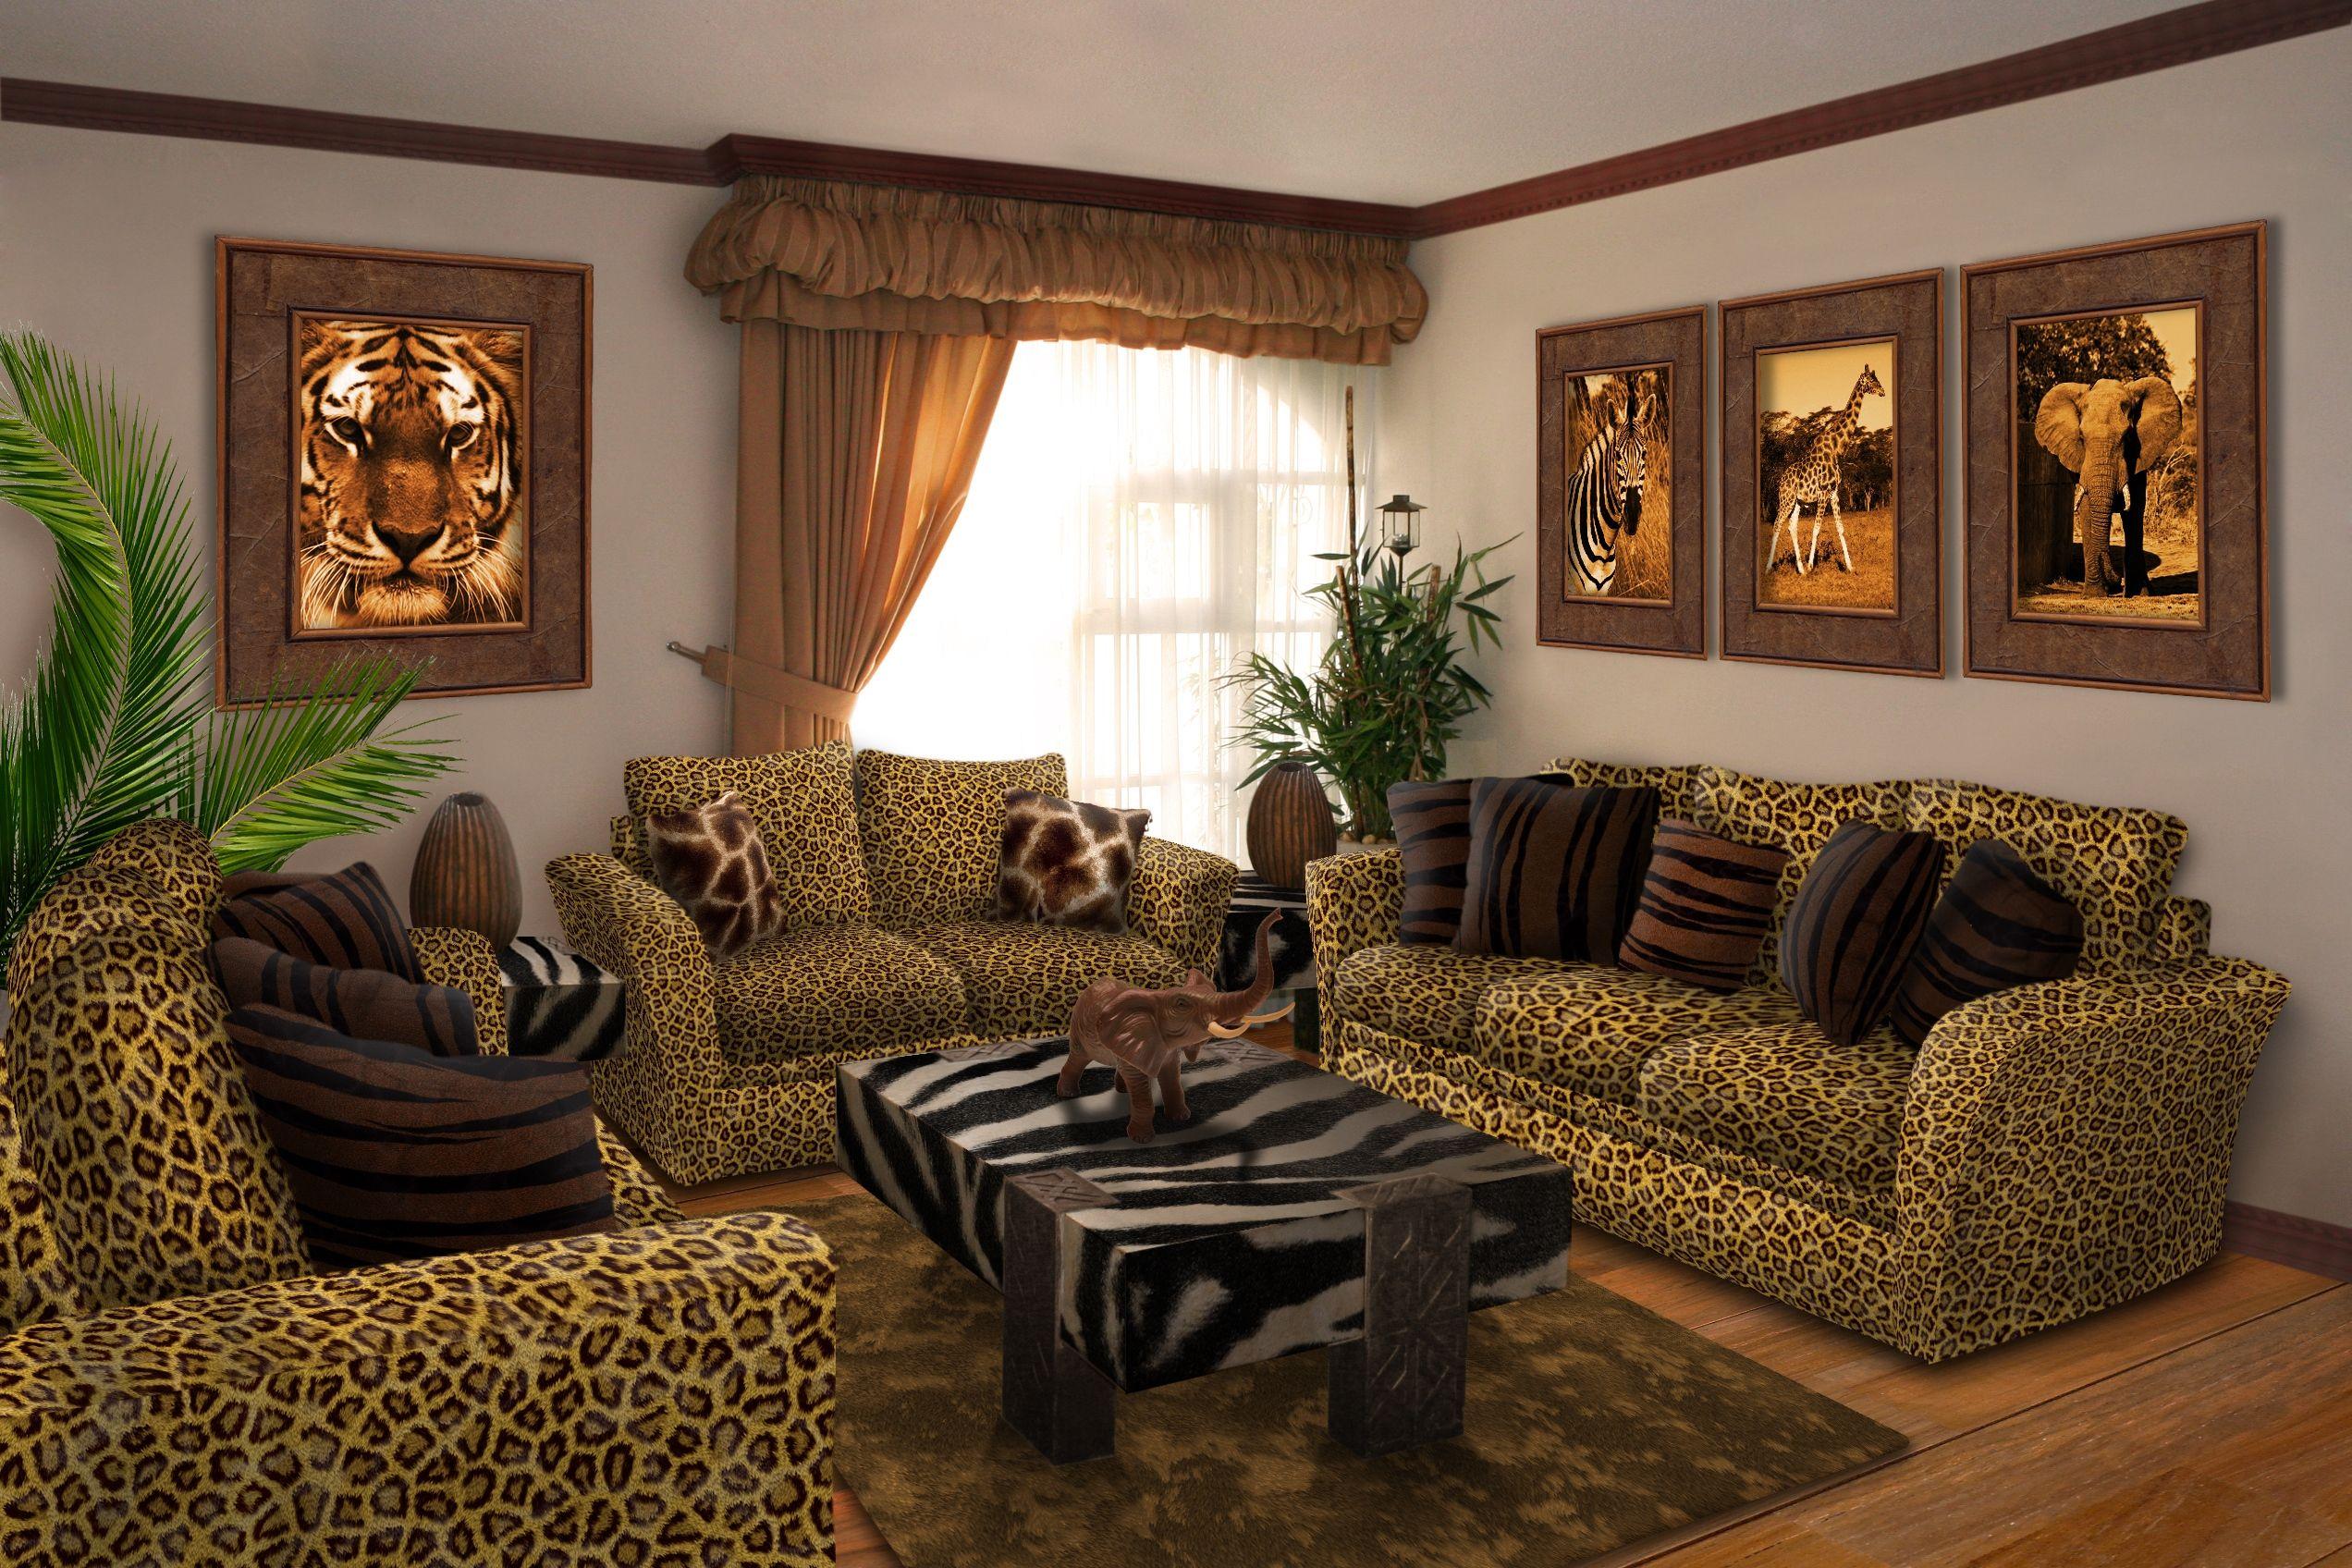 living room wall paint colors%0A Room    Safari Living Room Decor  Neutral Interior Paint Colors